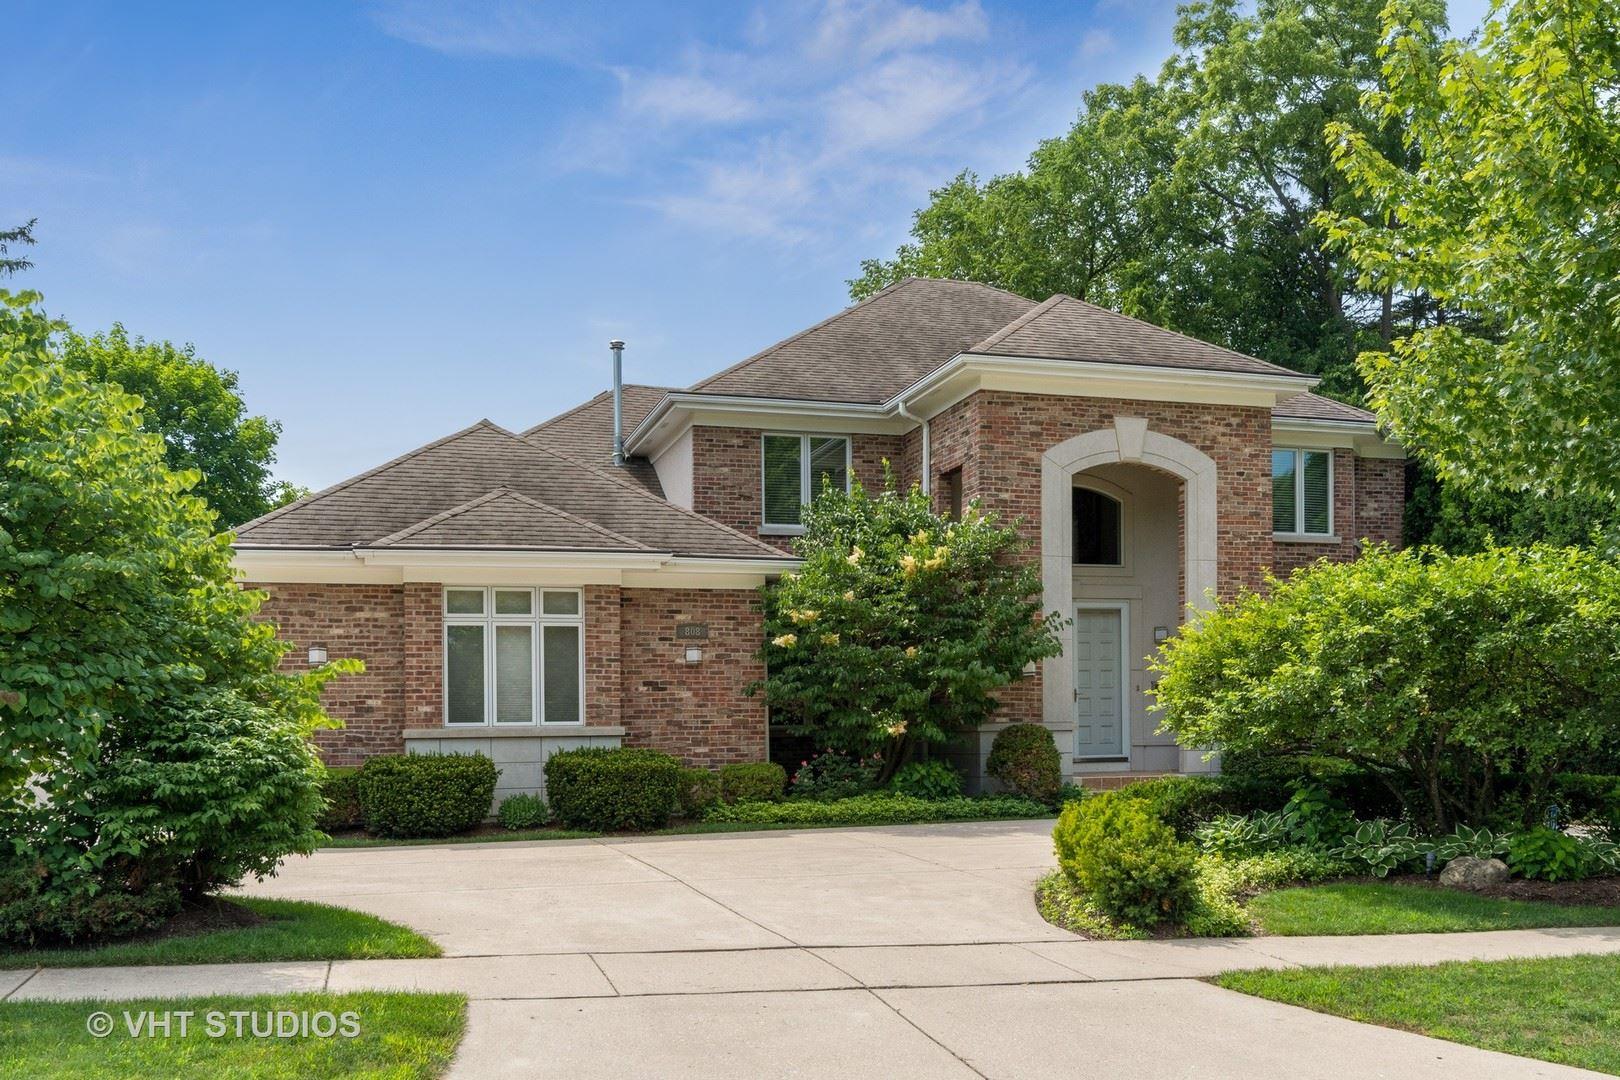 808 Spruce Street, Deerfield, IL 60015 - #: 10764264